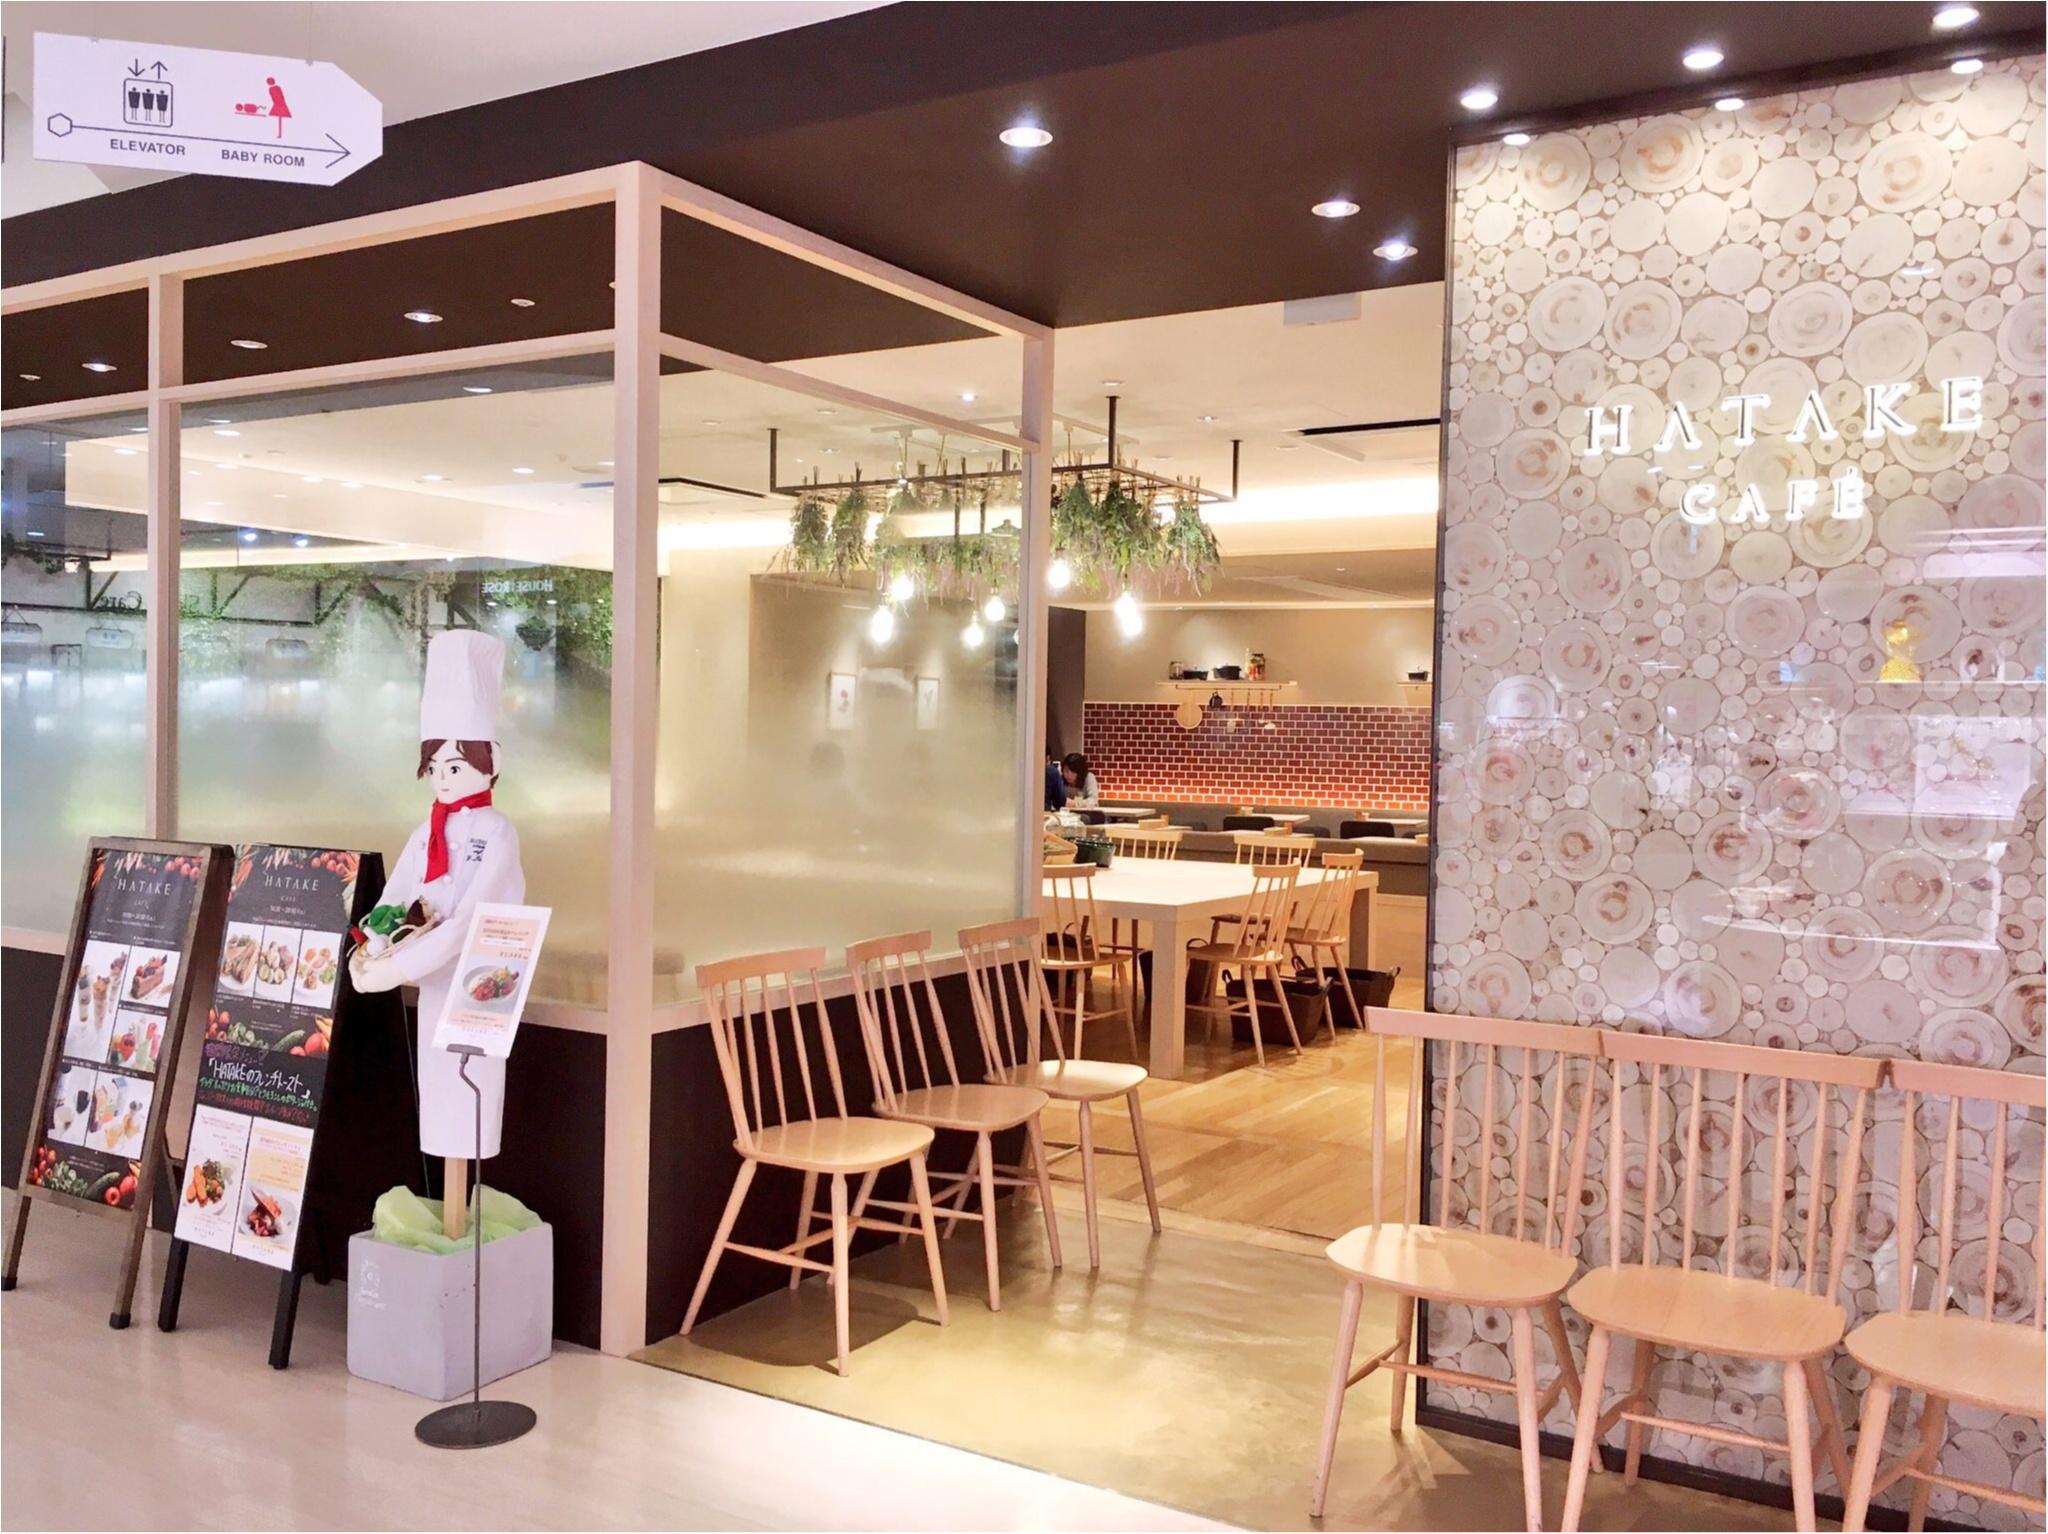 銀座マロニエゲート『HATAKE CAFE』のメニューが体に優しい&おいしすぎる〜(﹡´◡`﹡ )♡_2